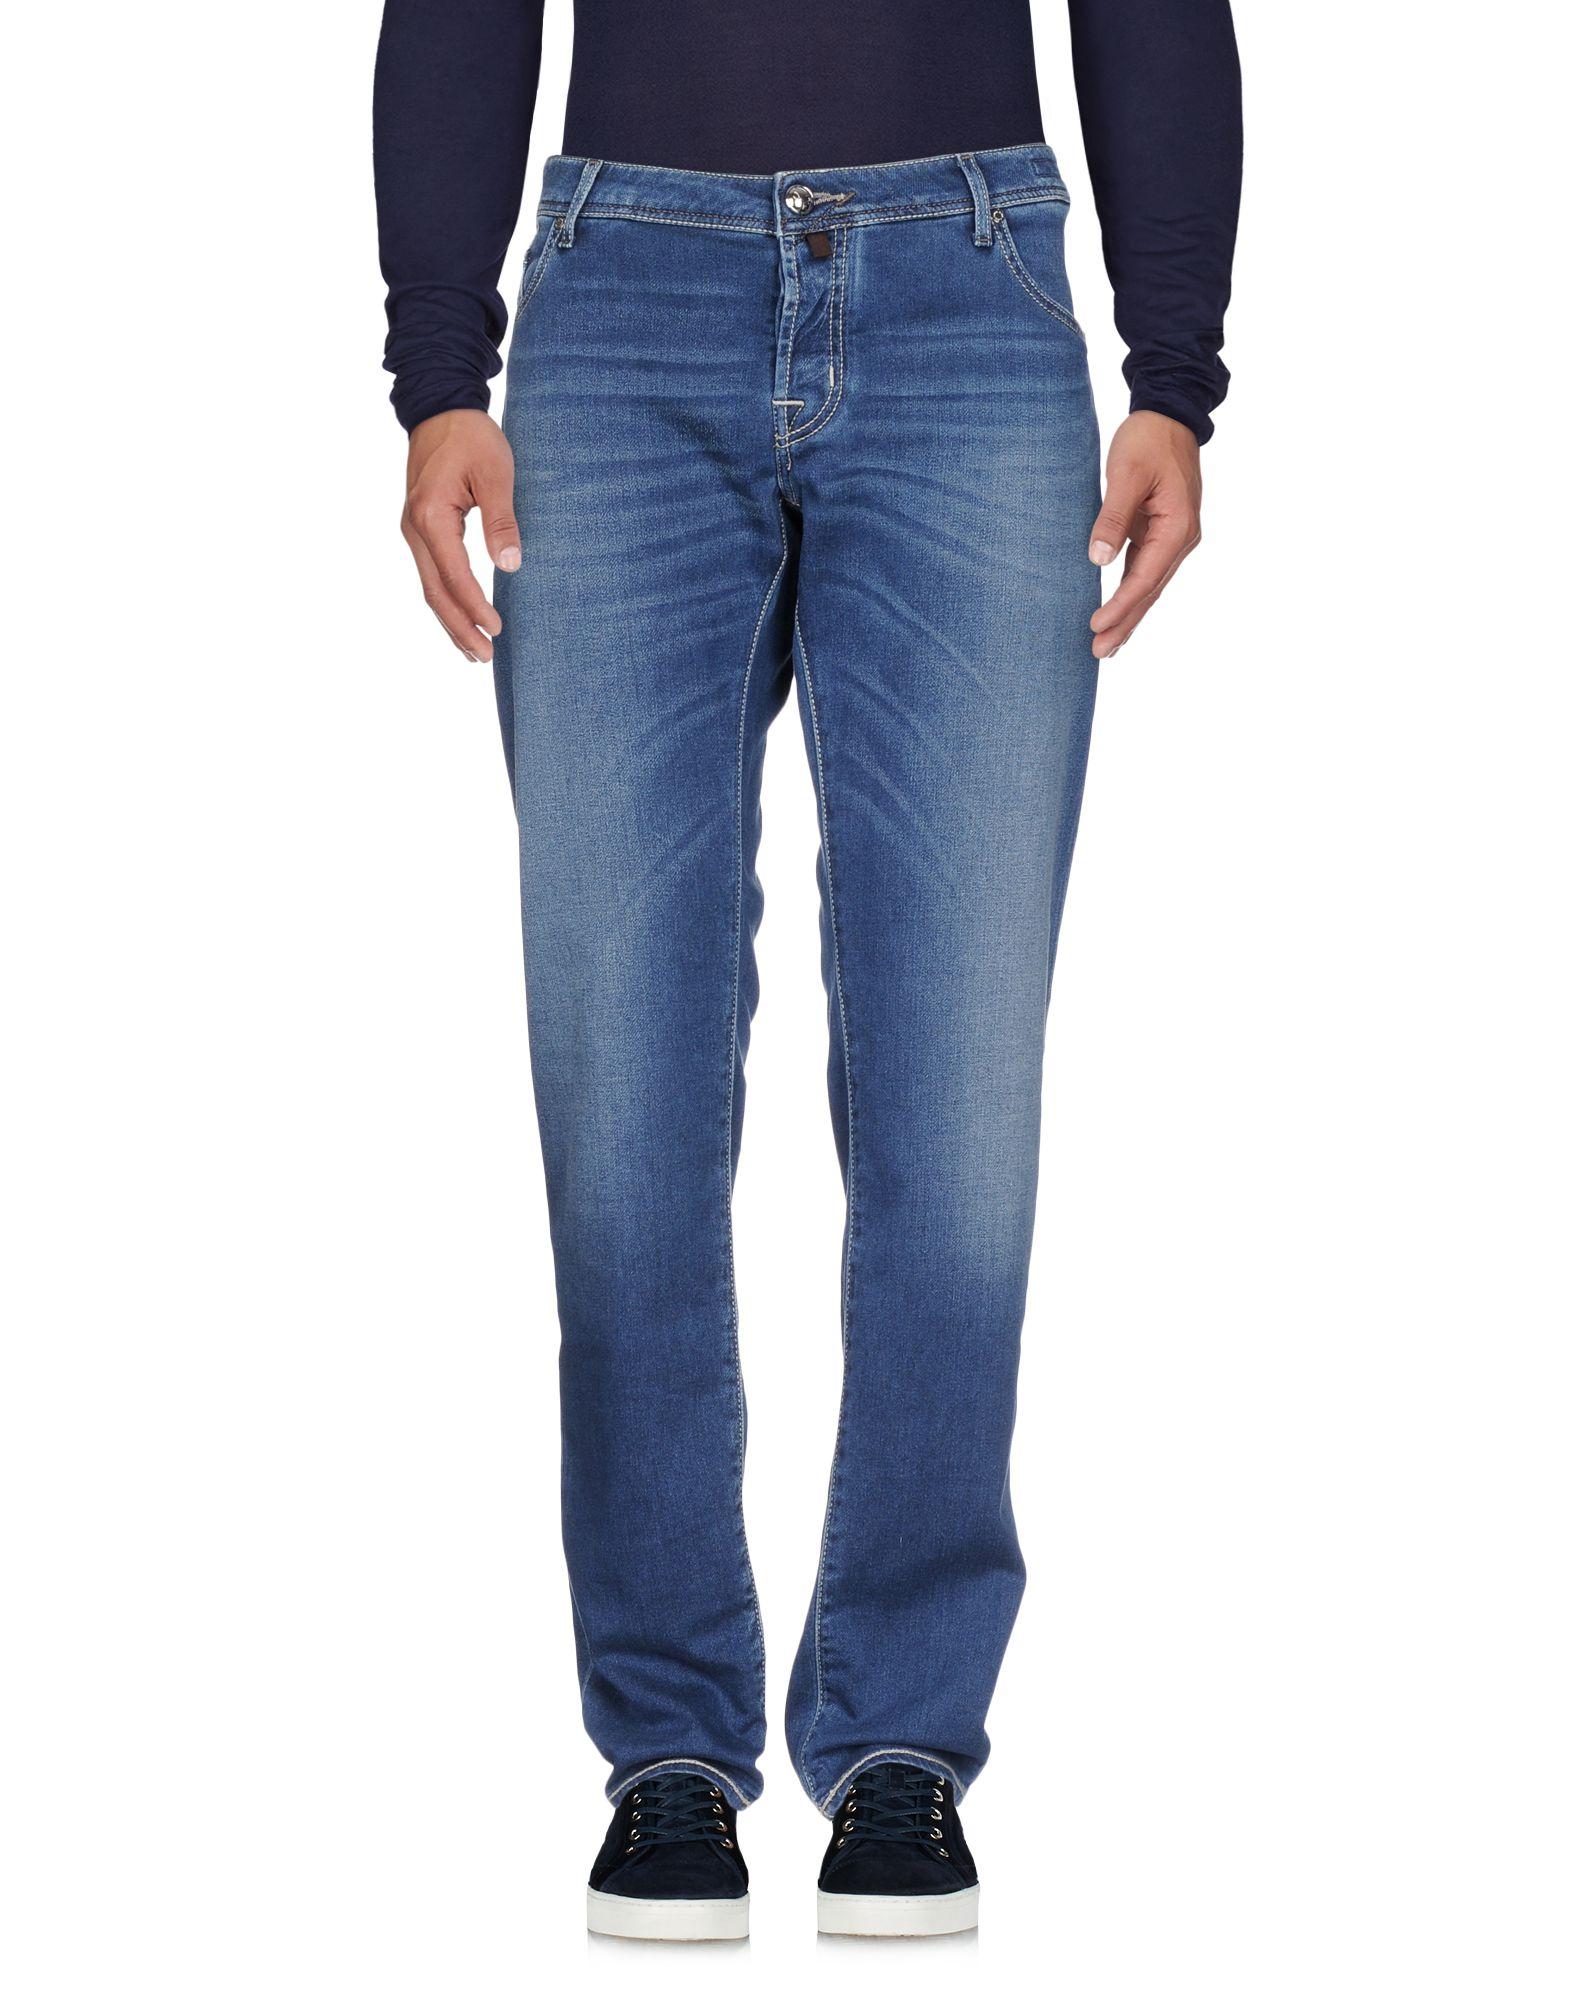 Pantaloni Jeans Jacob Cohёn Donna - Acquista online su